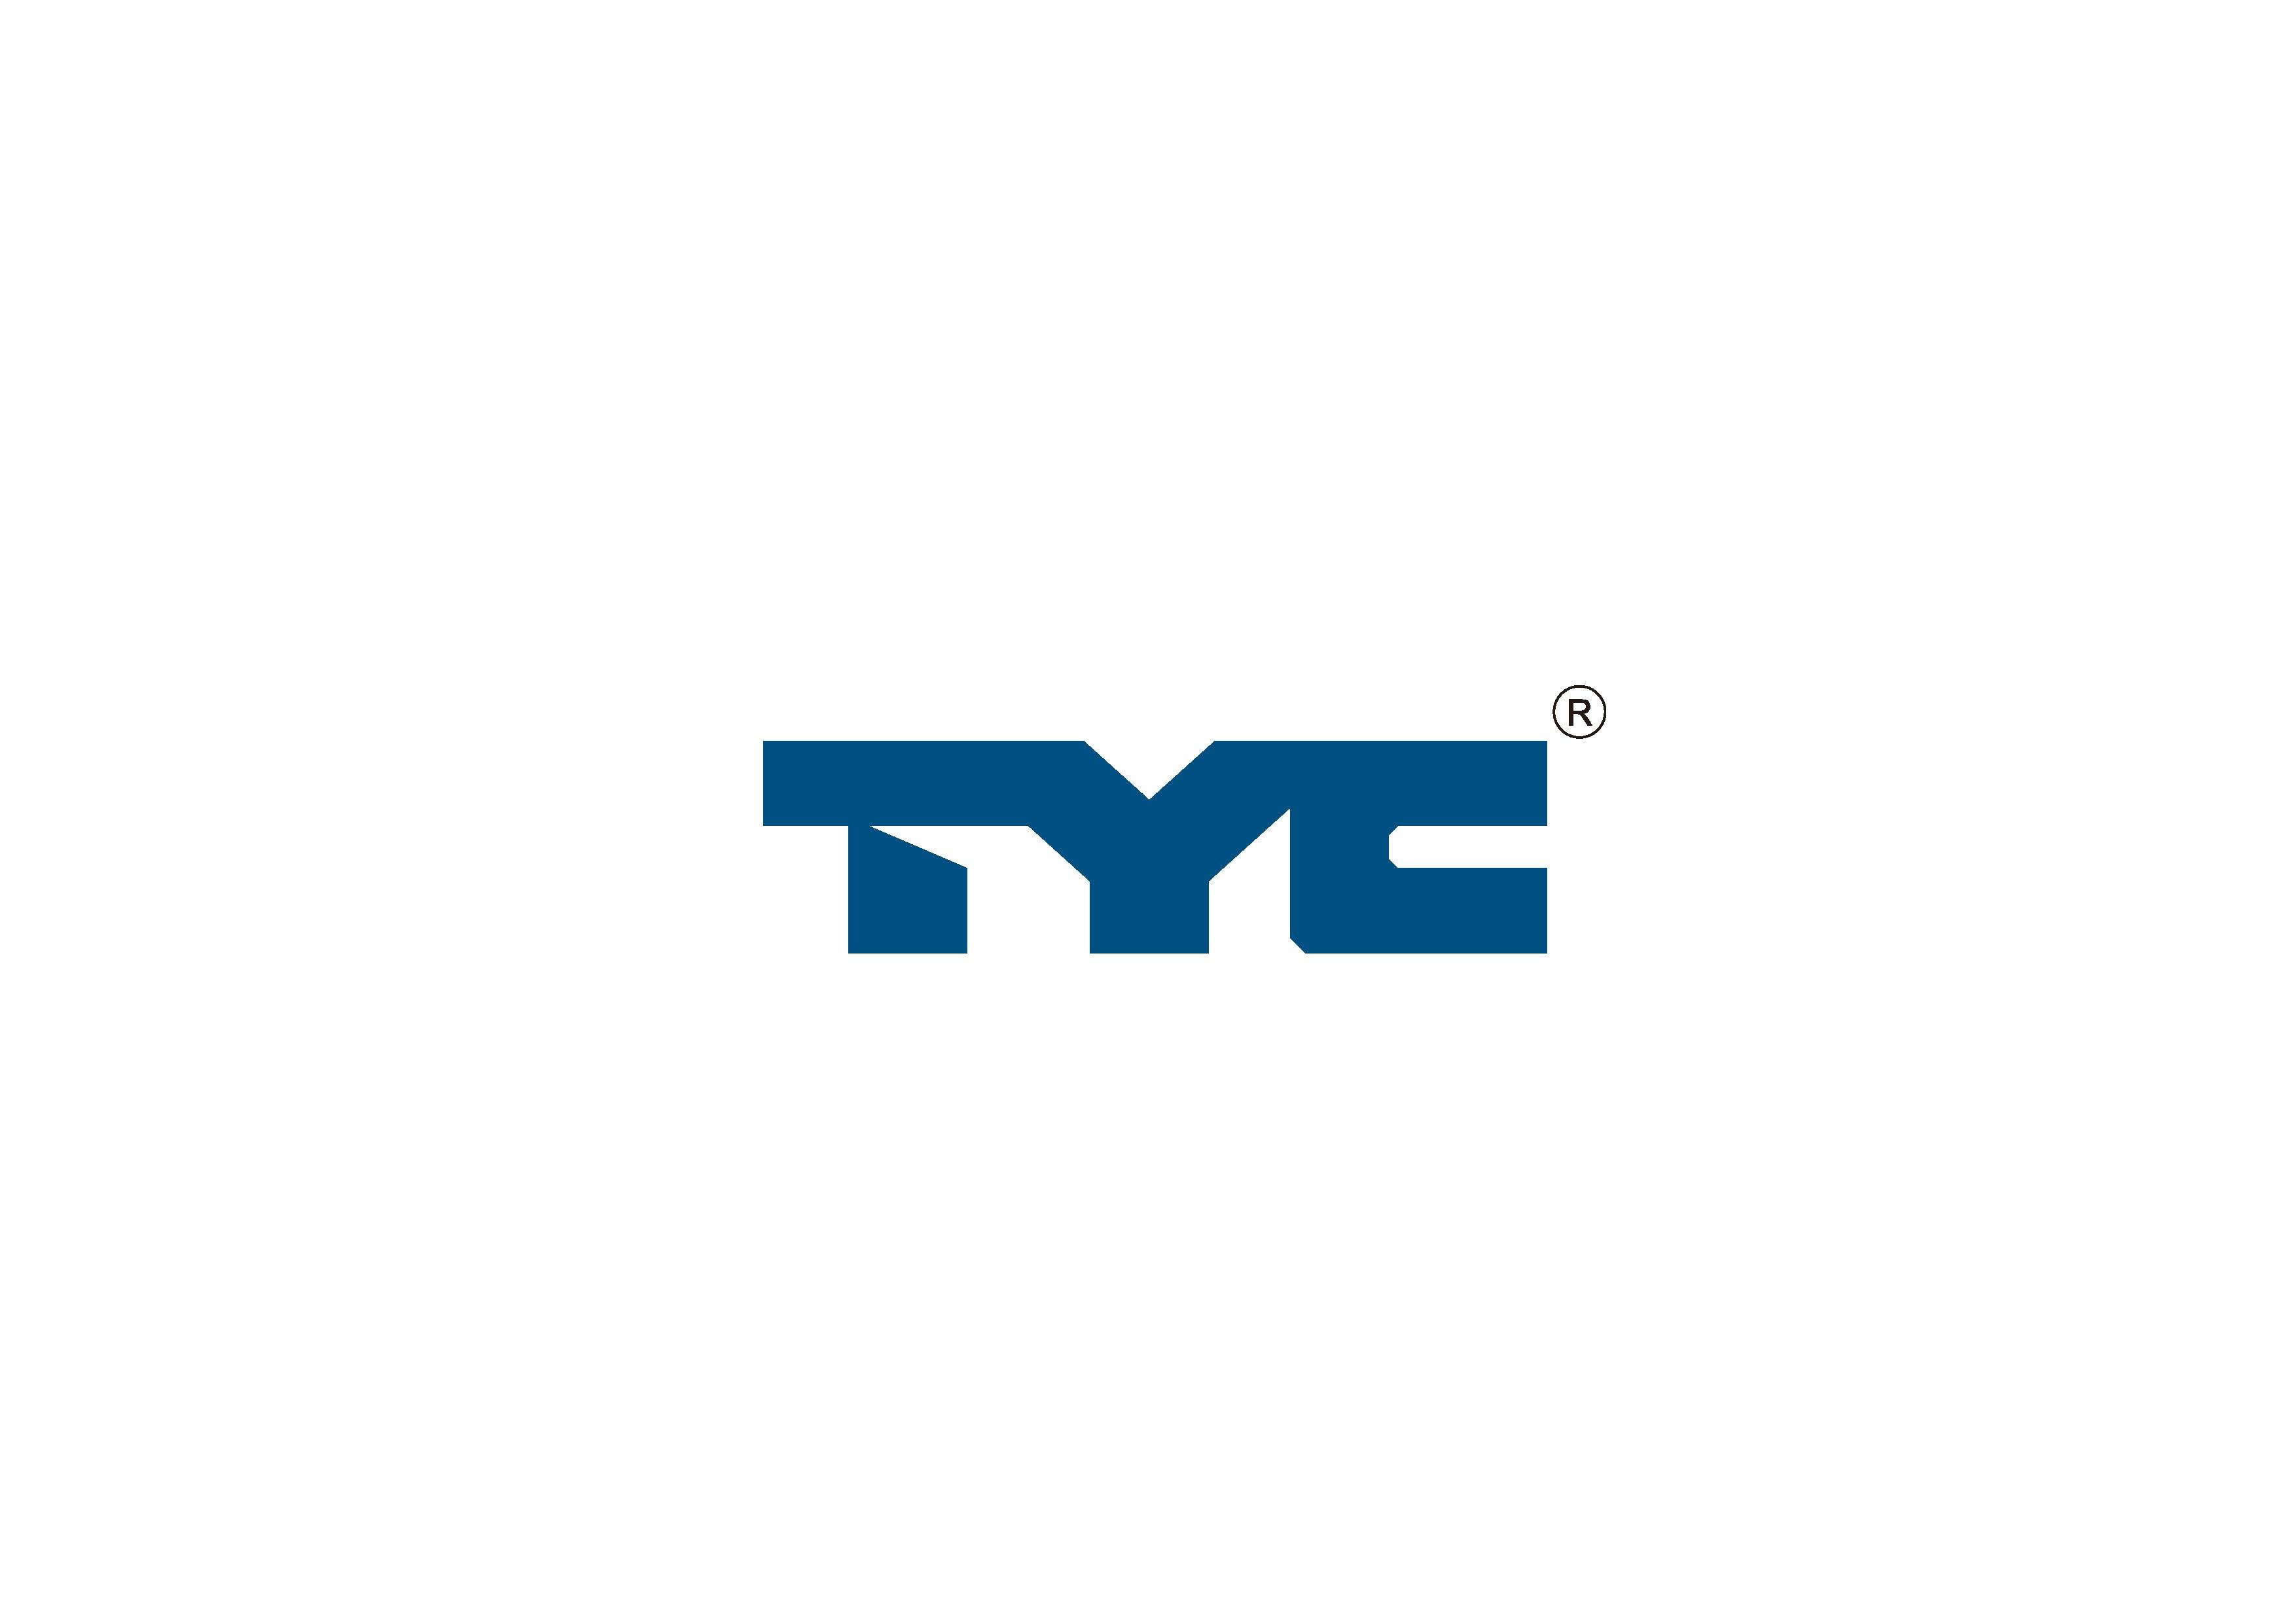 堤維西交通工業股份有限公司-Logo